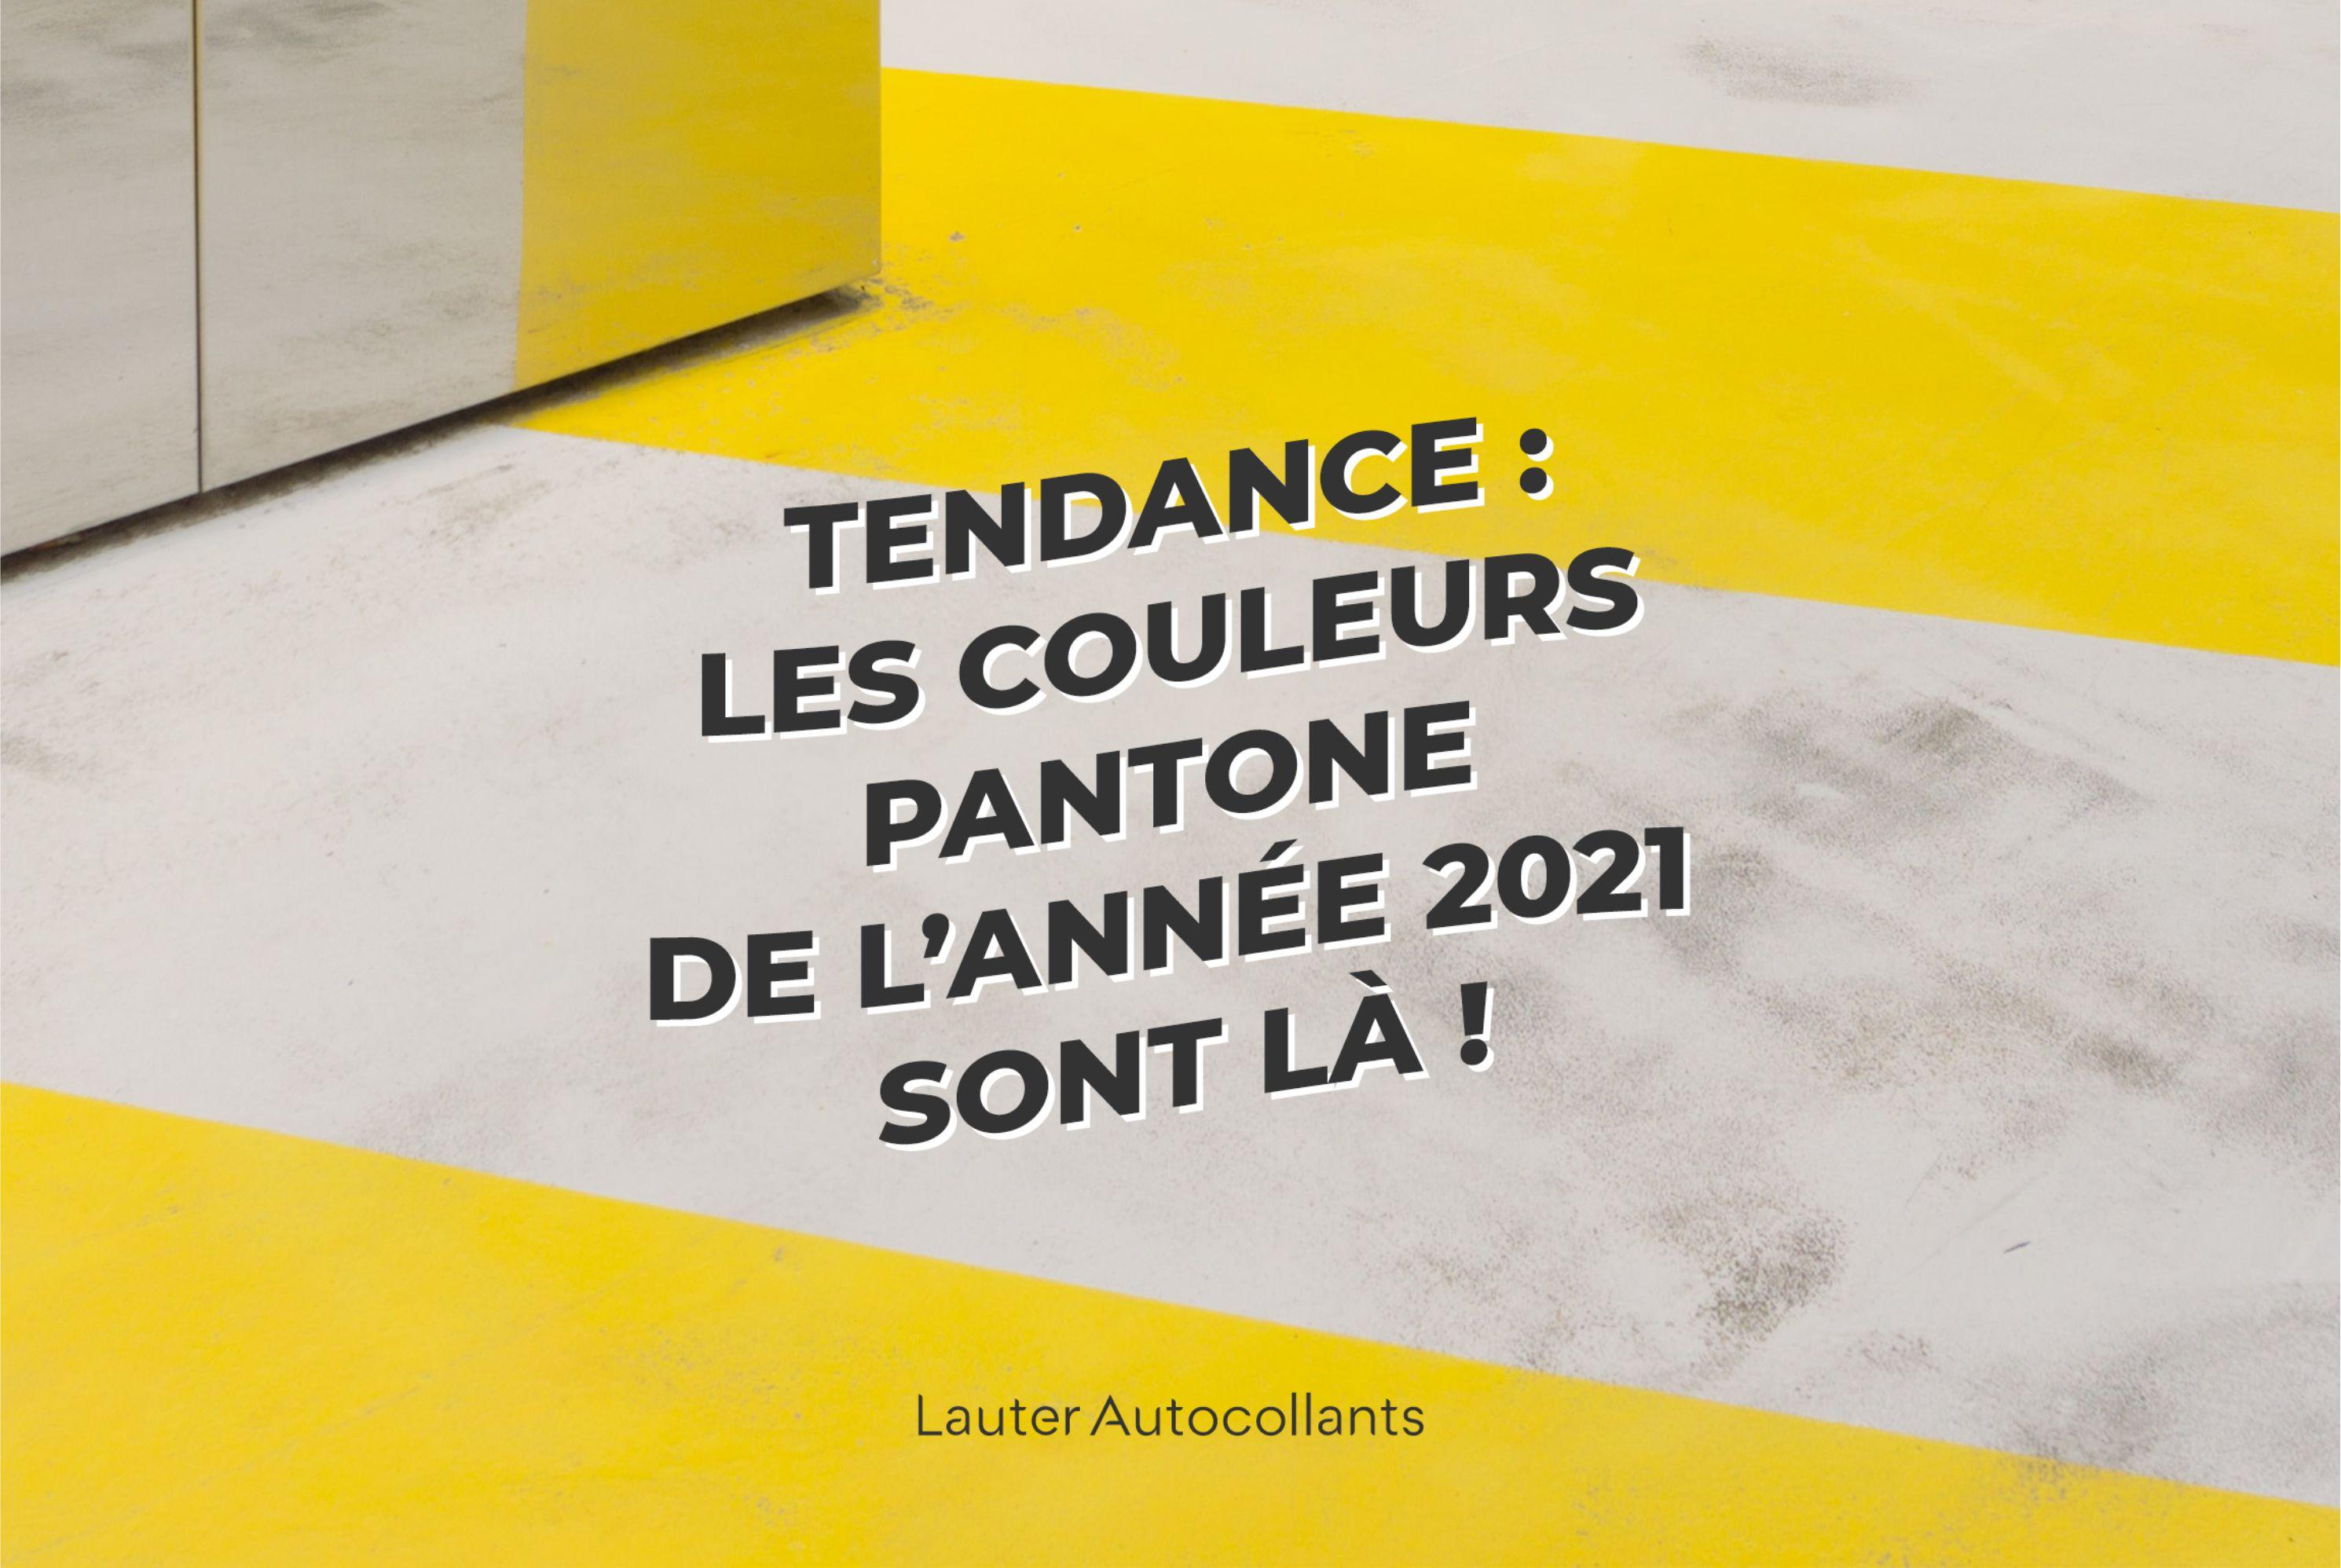 Tendance : Les couleurs Pantone de l'année 2021 sont là !